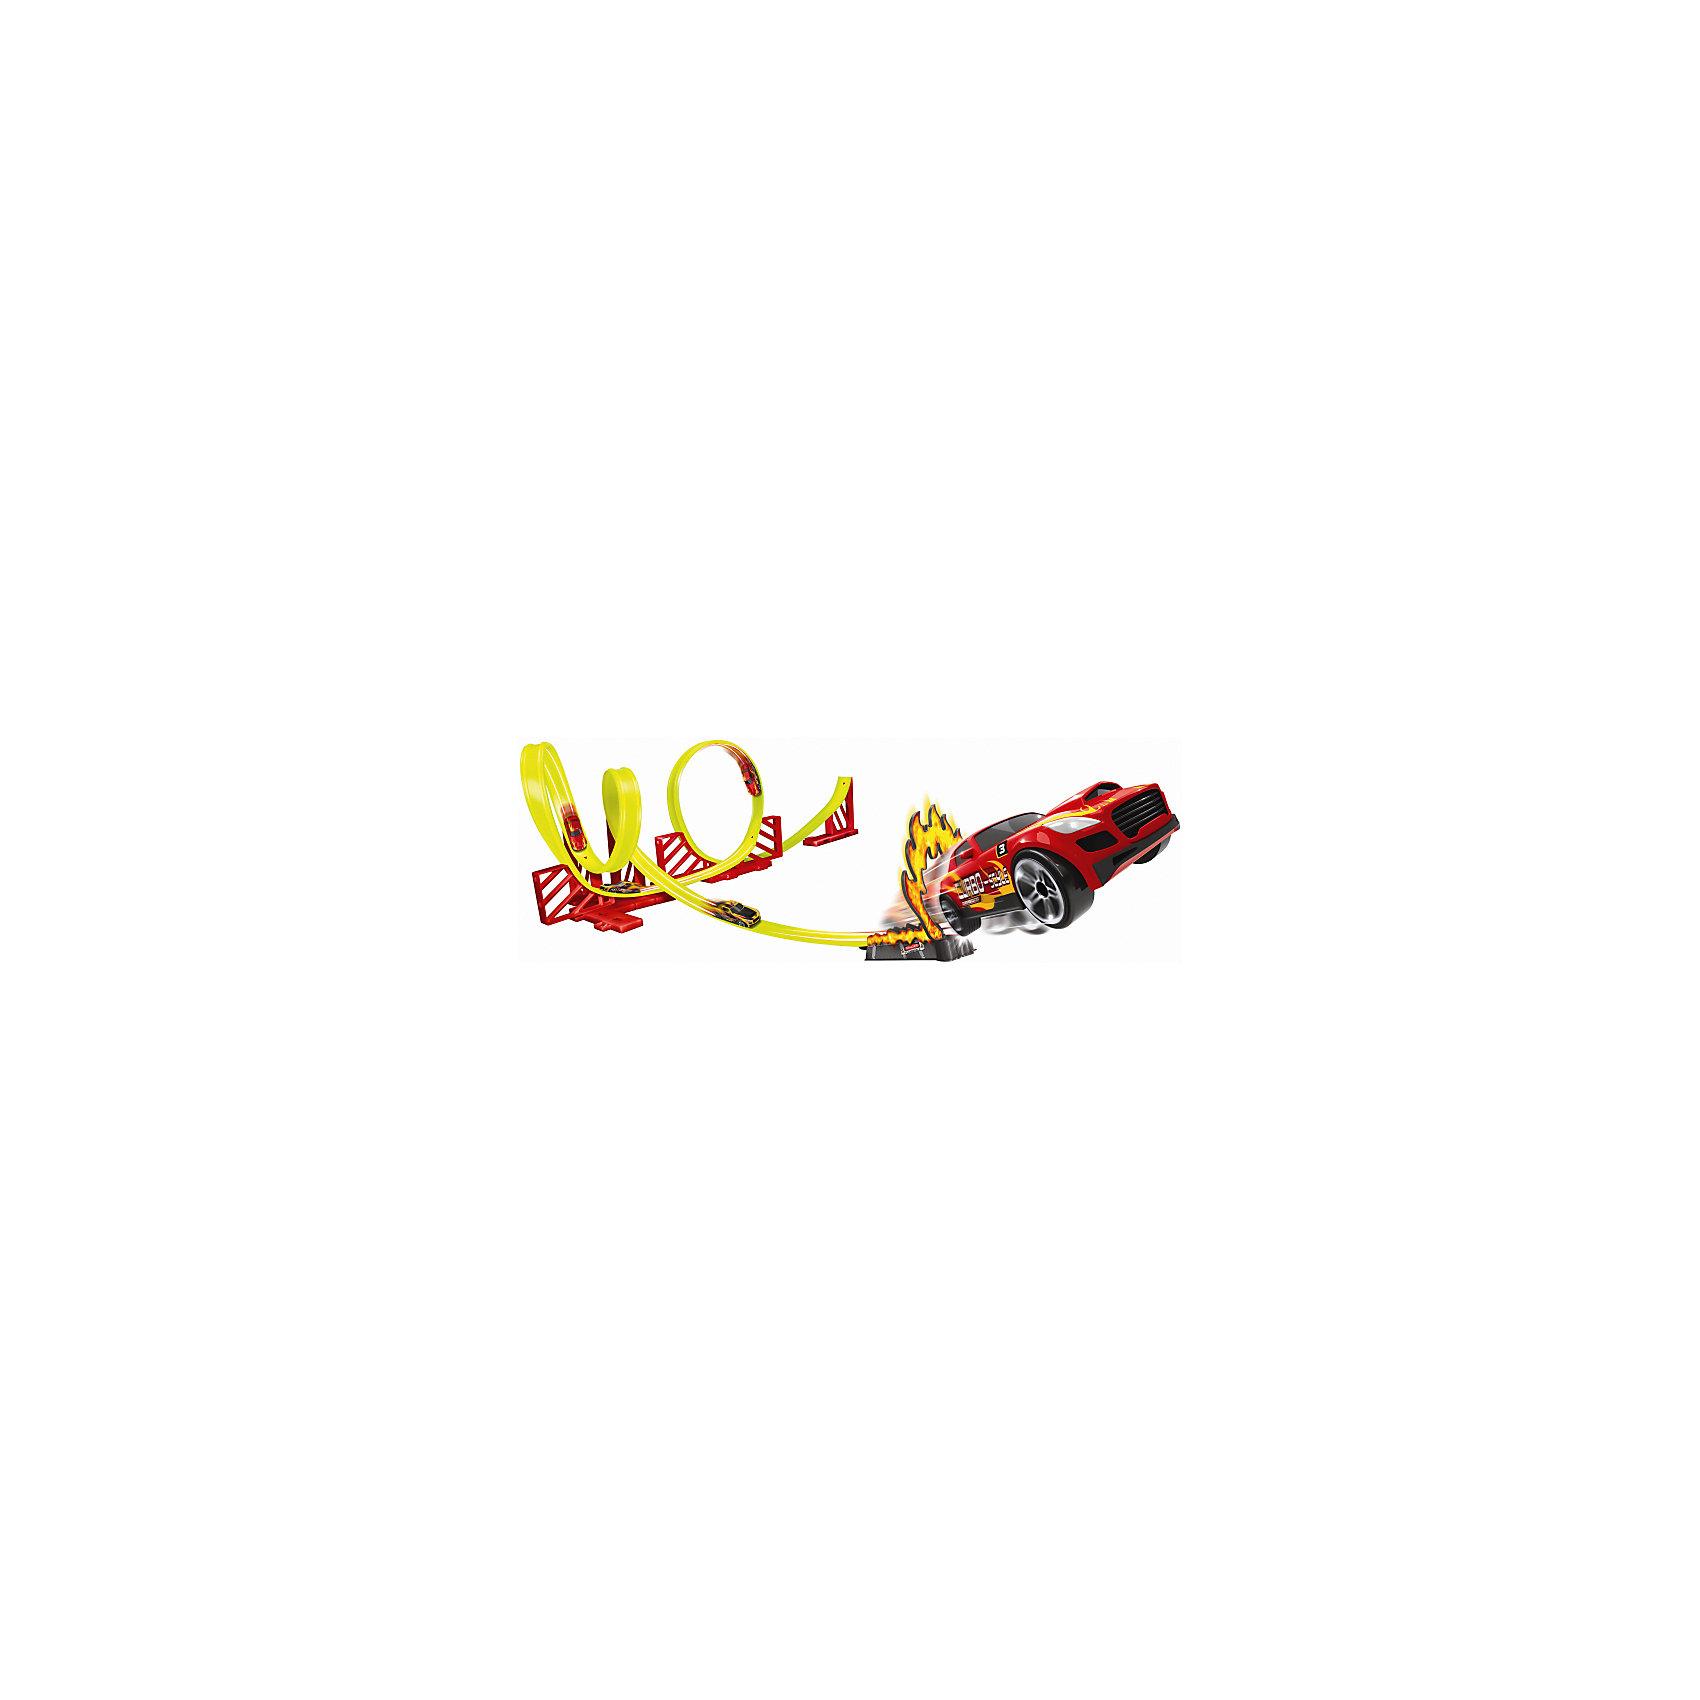 Трек Американские горки, TeamsterzАвтотреки<br>Характеристики товара:<br><br>• Возраст: от 3 лет<br>• Длина трассы 3,6 м<br>• Материал: пластик, металл<br>• В комплекте 2 инерционные машинки<br>• Размер машинки д*ш (см): 7,5*3<br>• Размер упаковки 60,8х25,4х6 см<br>• Вес упаковки 1,2 кг<br>• В наборе: детали трека, машинка<br>• Страна производитель: Китай<br><br>Трек Американские горки Teamsterz с крутыми виражами и мертвыми петлями обязательно понравится юному автолюбителю. С ним можно устроить настоящие захватывающие гонки. На трассе предстоит преодолеть опасные виражи, а на финише совершить прыжок с трамплина. Только самый аккуратный, внимательный и ловкий гонщик сможет преодолеть трассу и избежать аварий. <br><br>Трек Американские гонки Teamsterz можно приобрести в нашем интернет-магазине.<br><br>Ширина мм: 608<br>Глубина мм: 254<br>Высота мм: 60<br>Вес г: 1200<br>Возраст от месяцев: 36<br>Возраст до месяцев: 2147483647<br>Пол: Унисекс<br>Возраст: Детский<br>SKU: 5514331